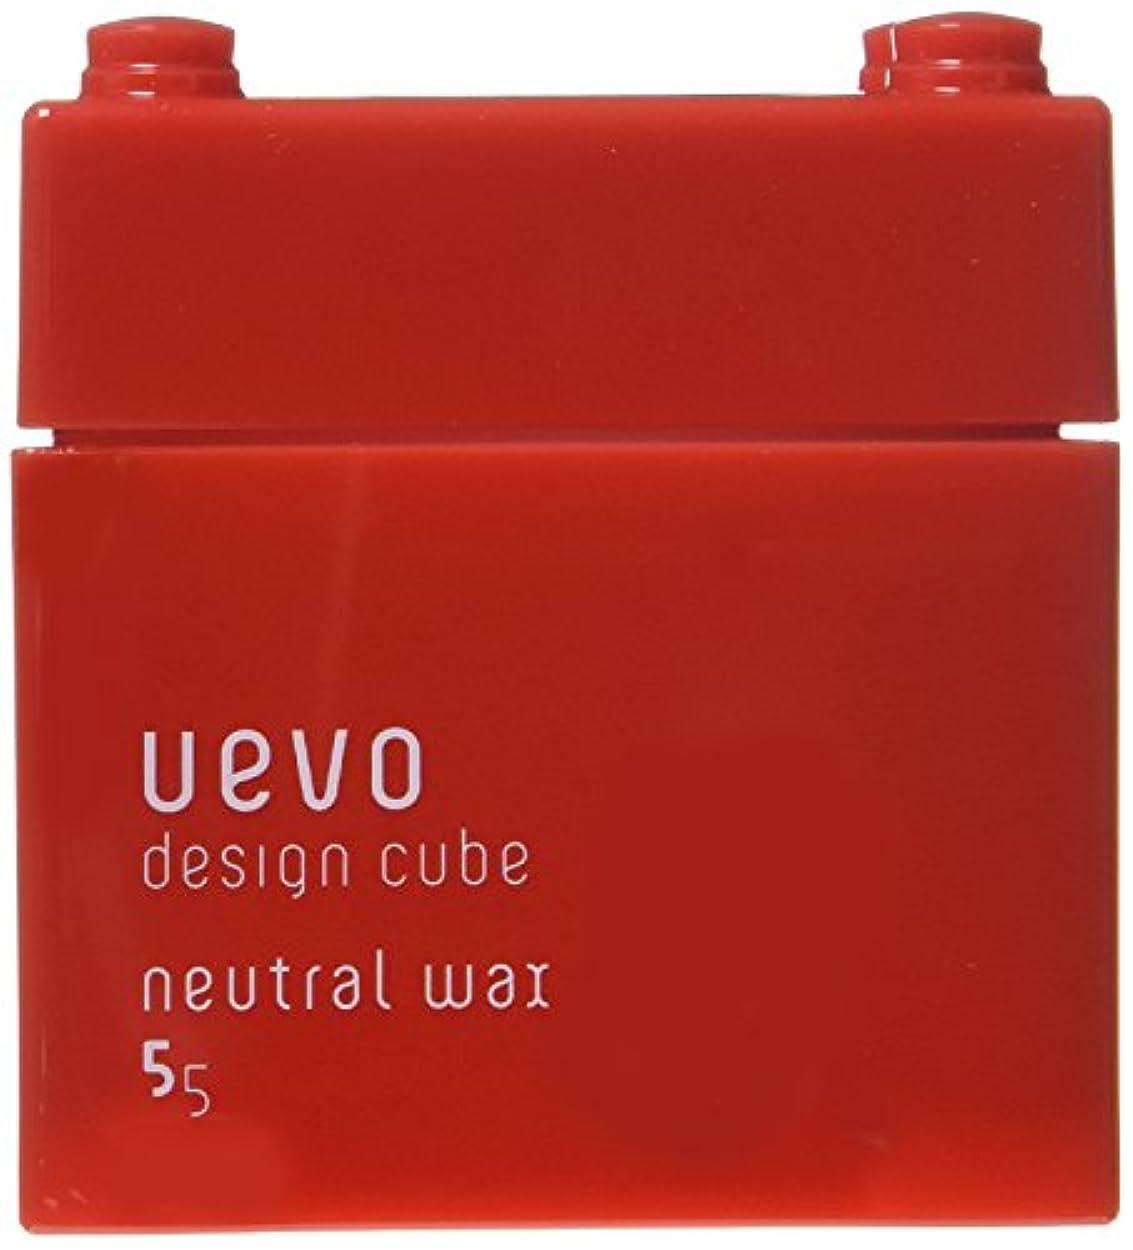 温帯注文無駄なウェーボ デザインキューブ ニュートラルワックス 80g